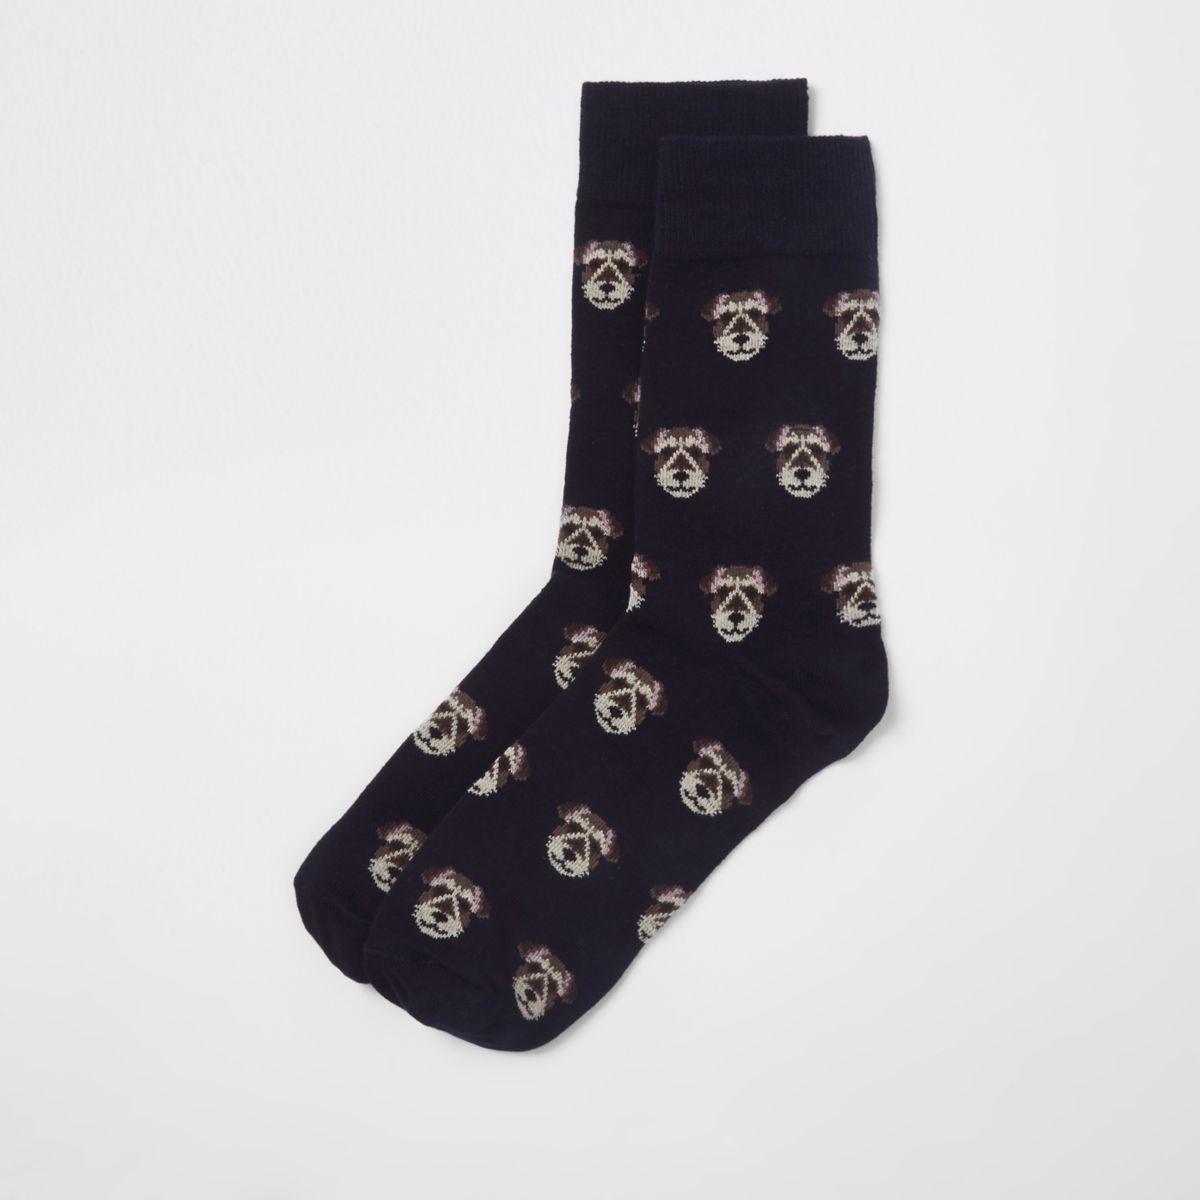 Navy dog novelty socks